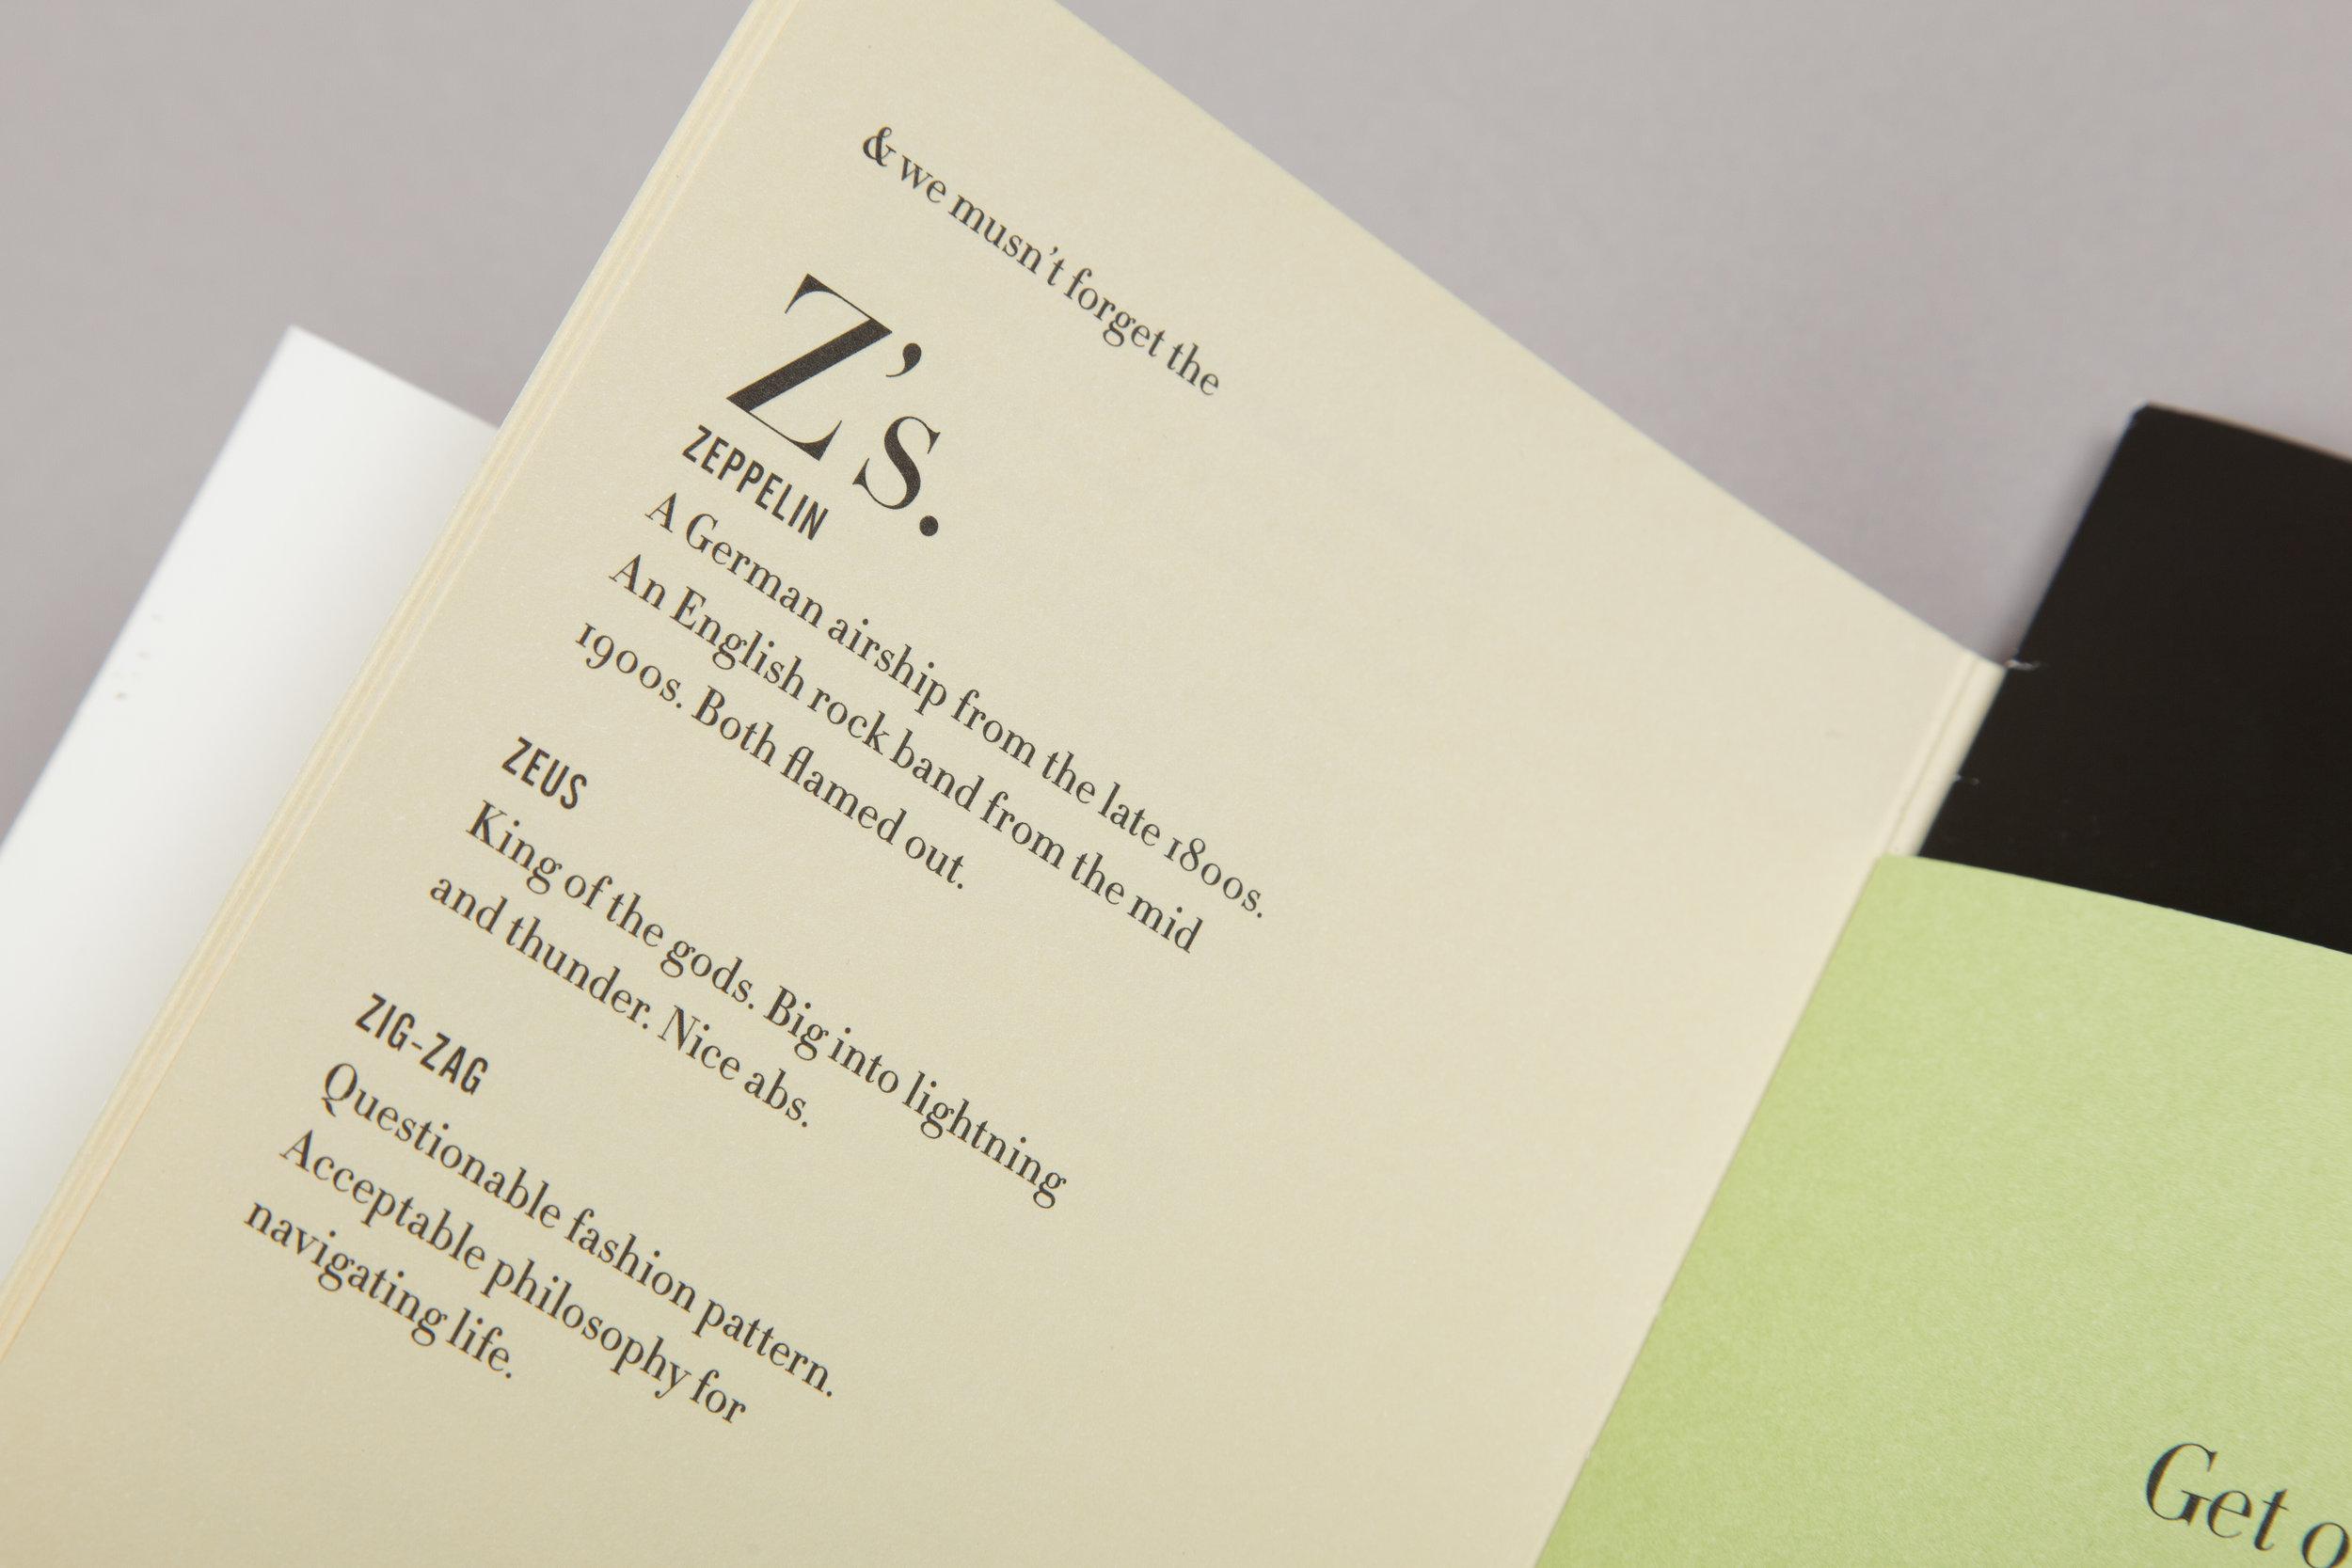 booklet-detail-2.jpg